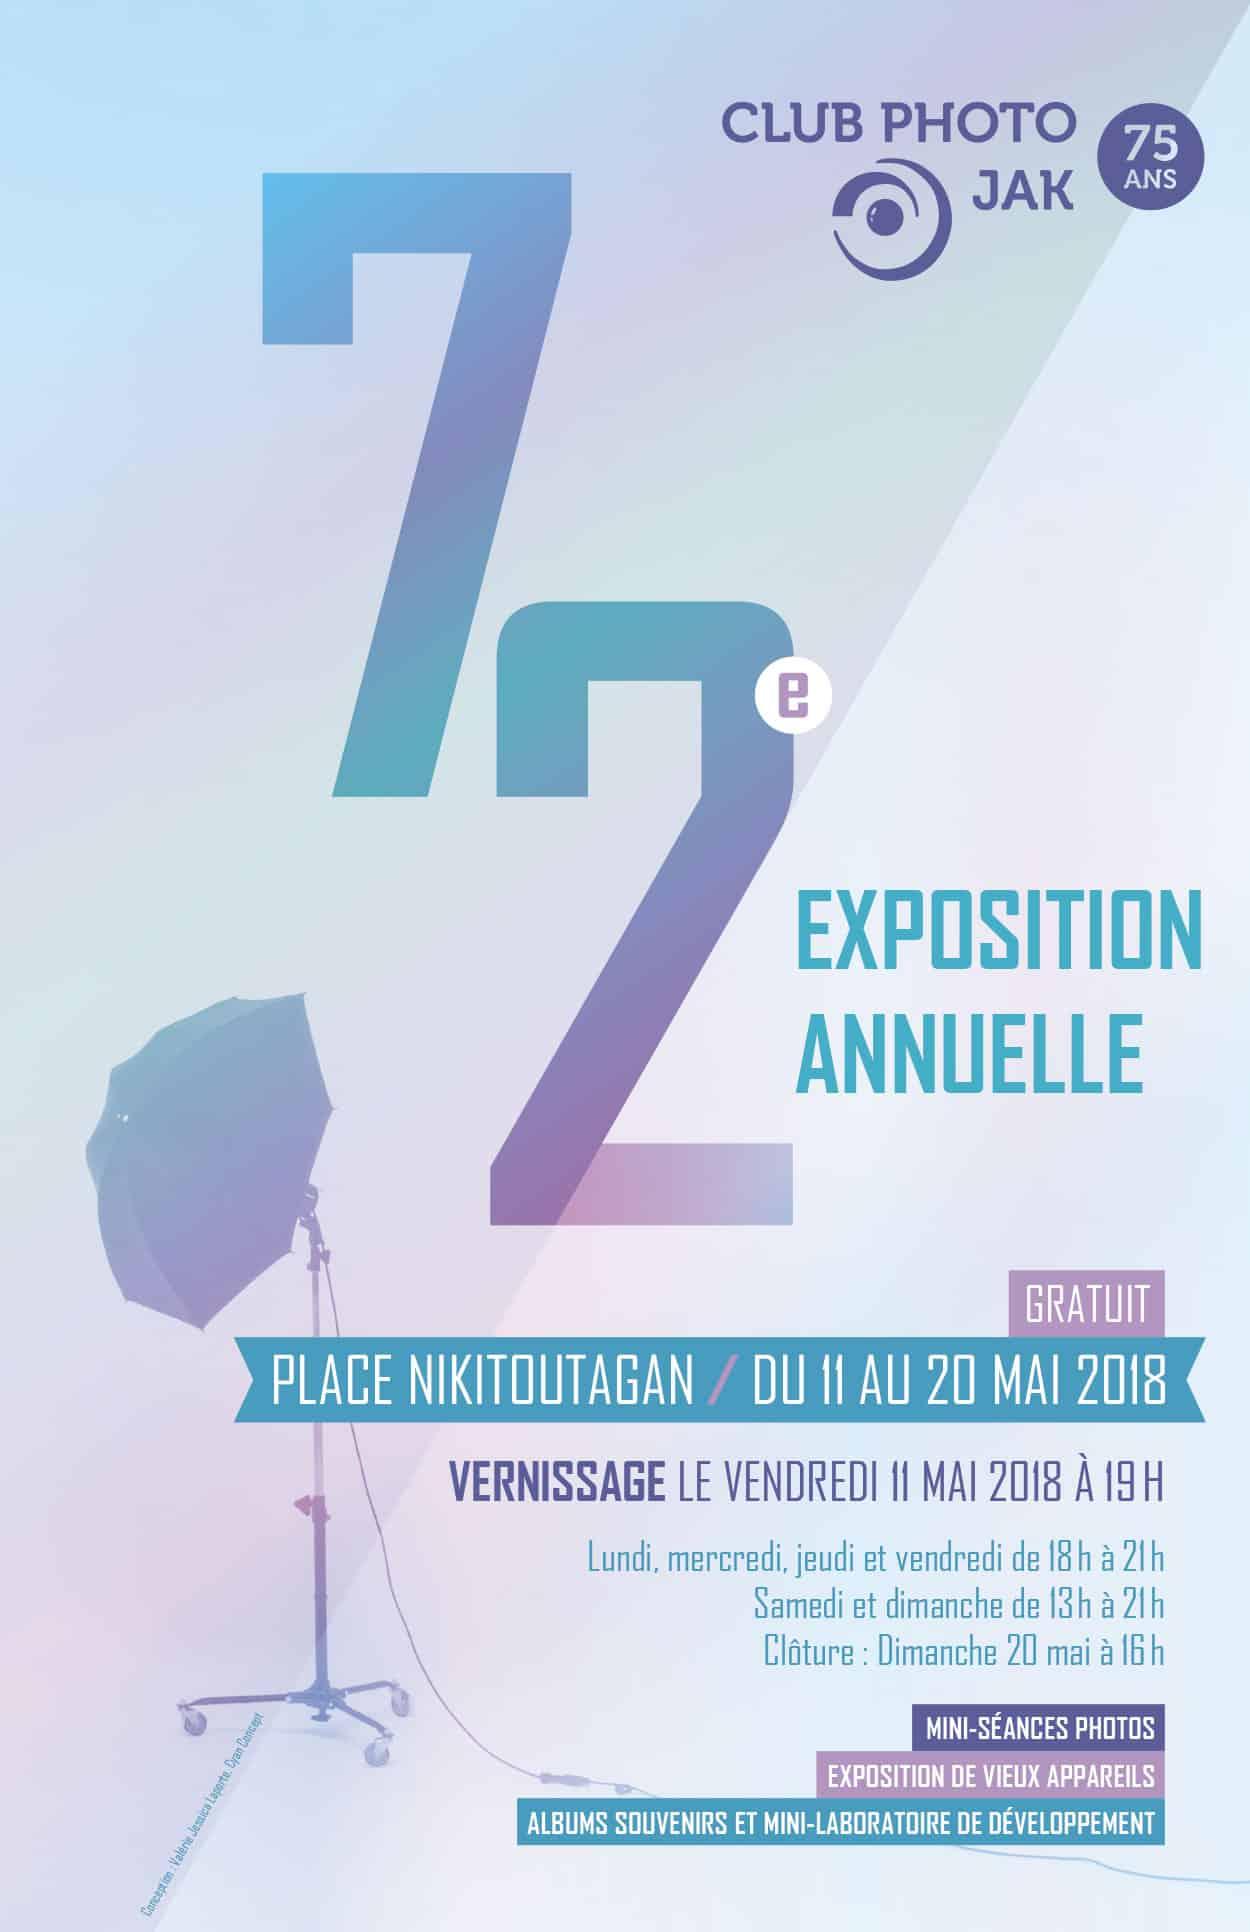 Affiche pour la 72e exposition annuelle